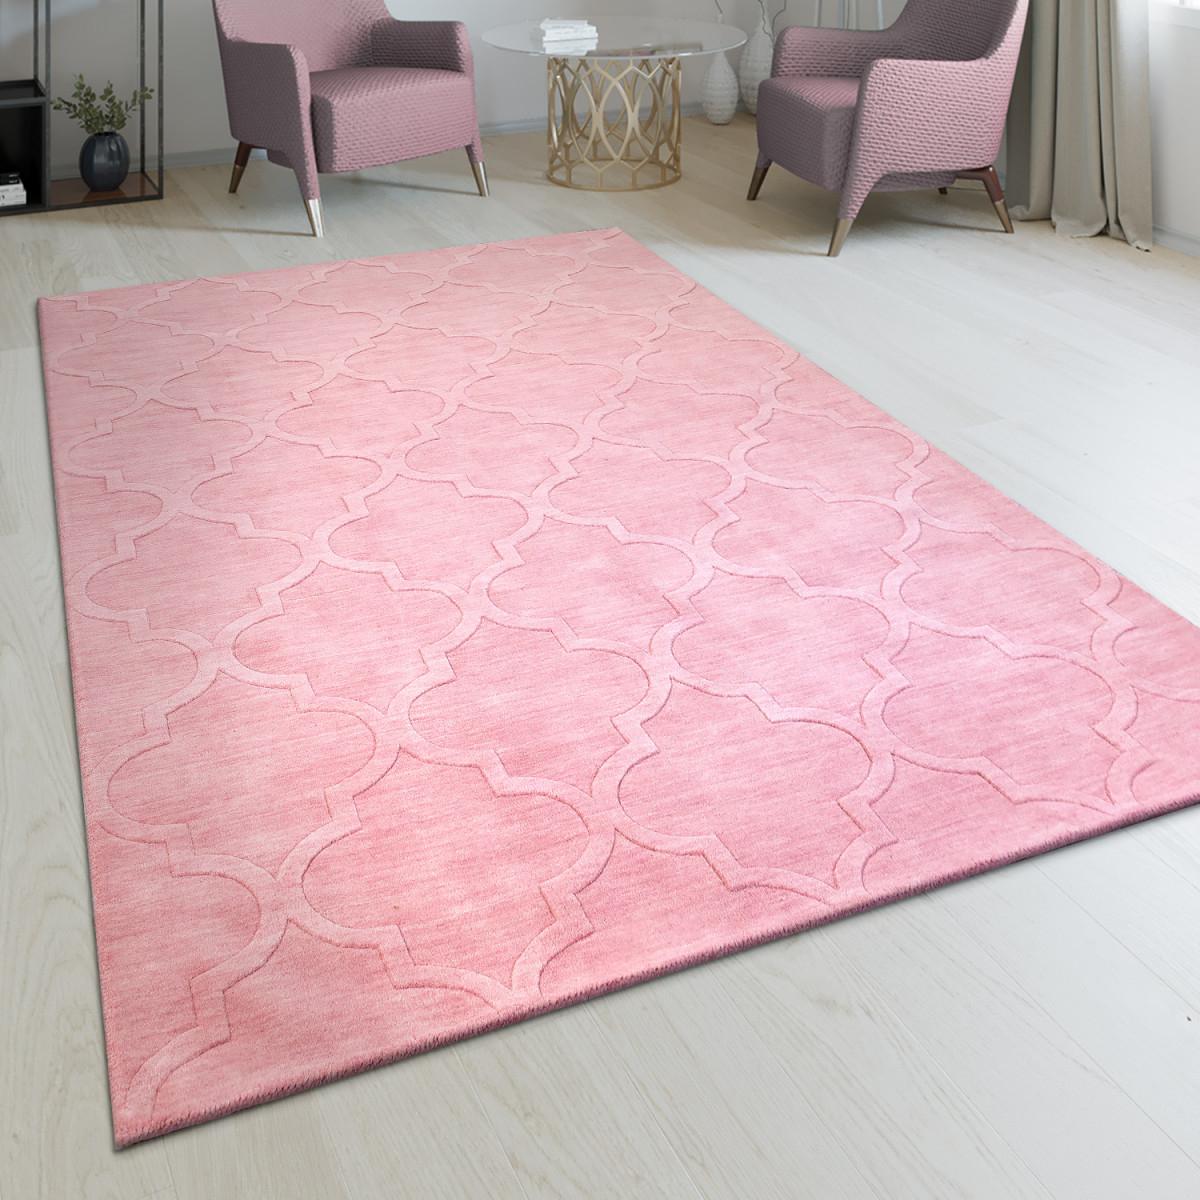 Handgefertigter Wohnzimmer Teppich Marokkanisches Design Orient Pastell Rosa von Wohnzimmer Teppich Rosa Bild